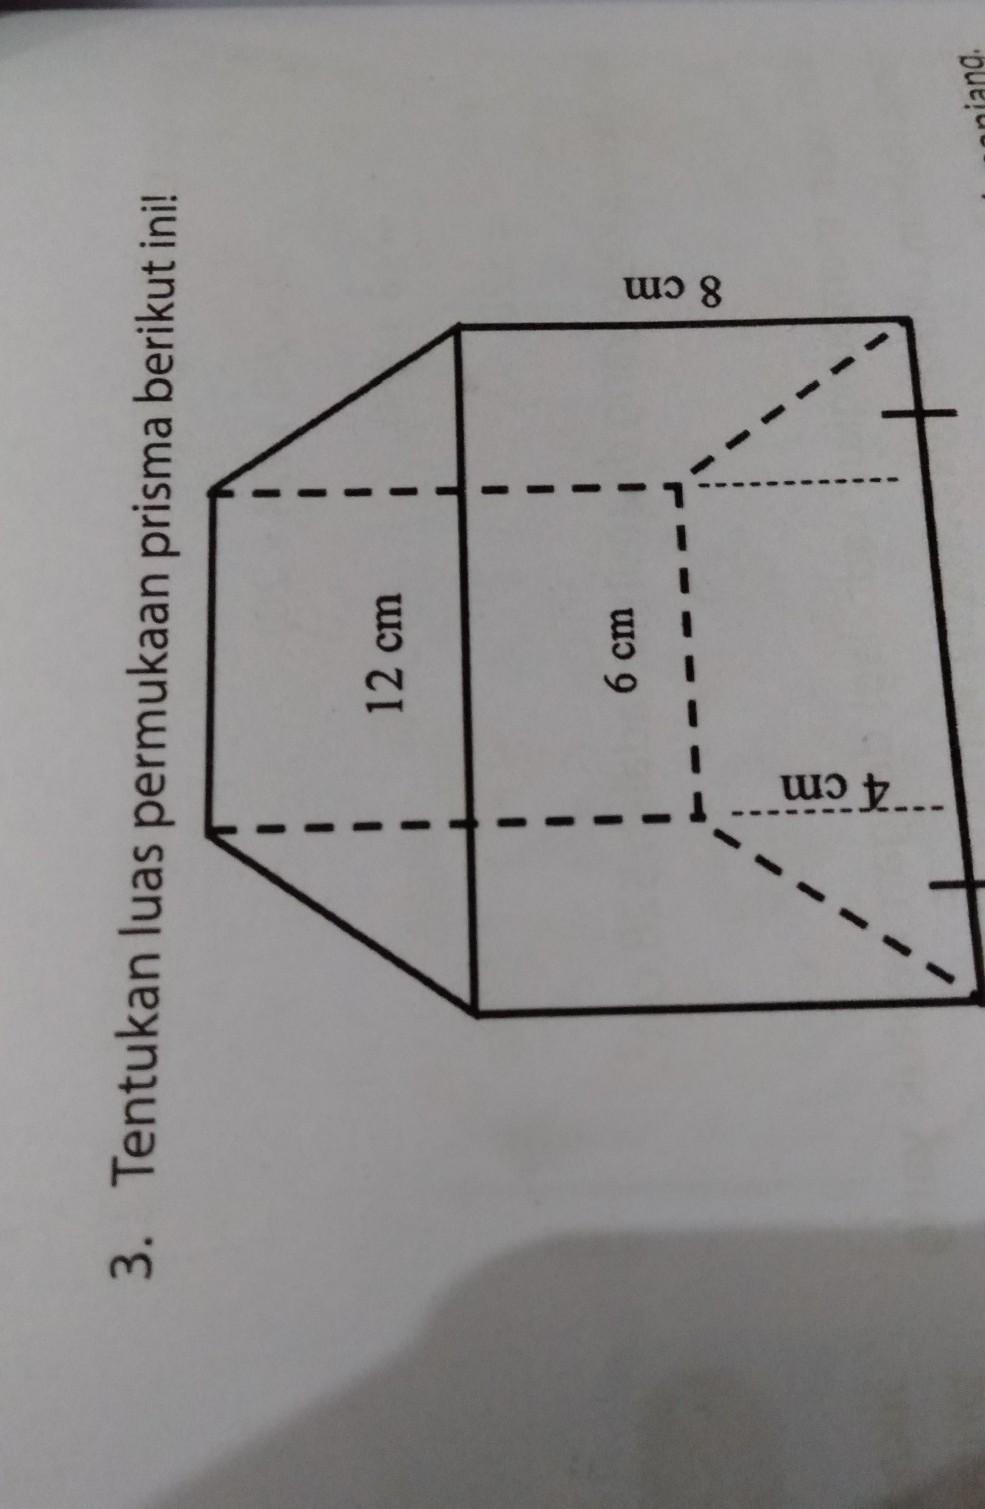 Contoh Soal Luas Permukaan Prisma Segitiga : contoh, permukaan, prisma, segitiga, Tentukan, Permukaan, Prisma, Berikut, Ini!Bantu, Jawab, Ya^_^, Brainly.co.id